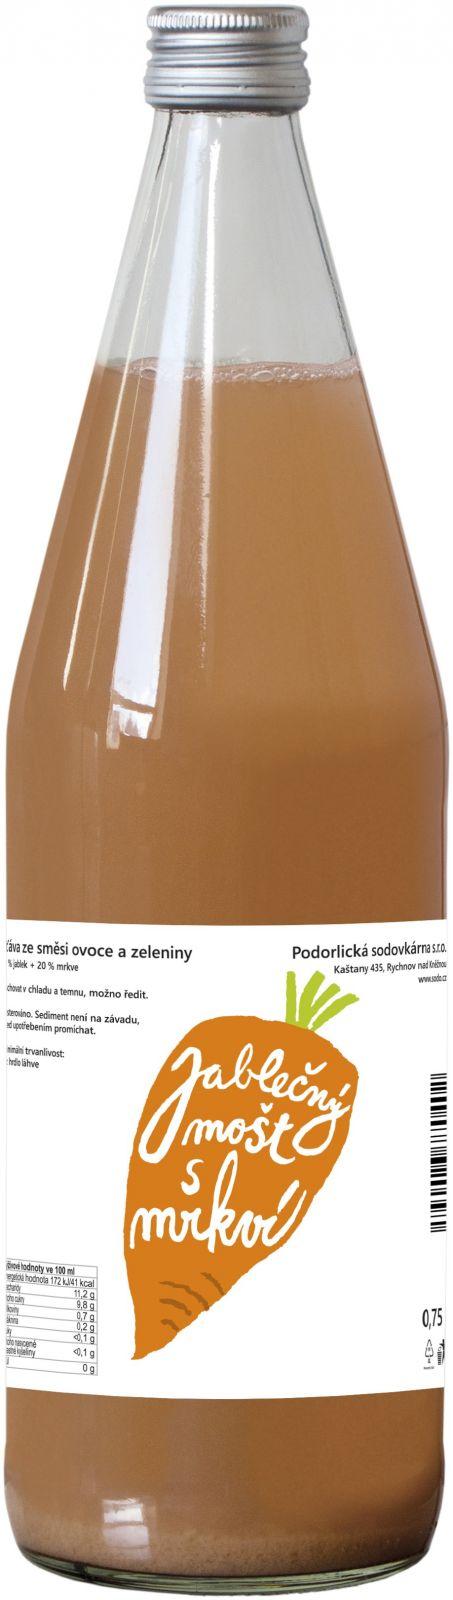 Podorlická sodovkárna mošt 80 % jablko 20 % mrkev 0,75 l - Nejpopulárnější zelenina českých kuchyní podporuje regeneraci. Tento mošt je velmi oblíbený u dětí. Podorlická sodovkárna Rychnov n/ Kněžnou